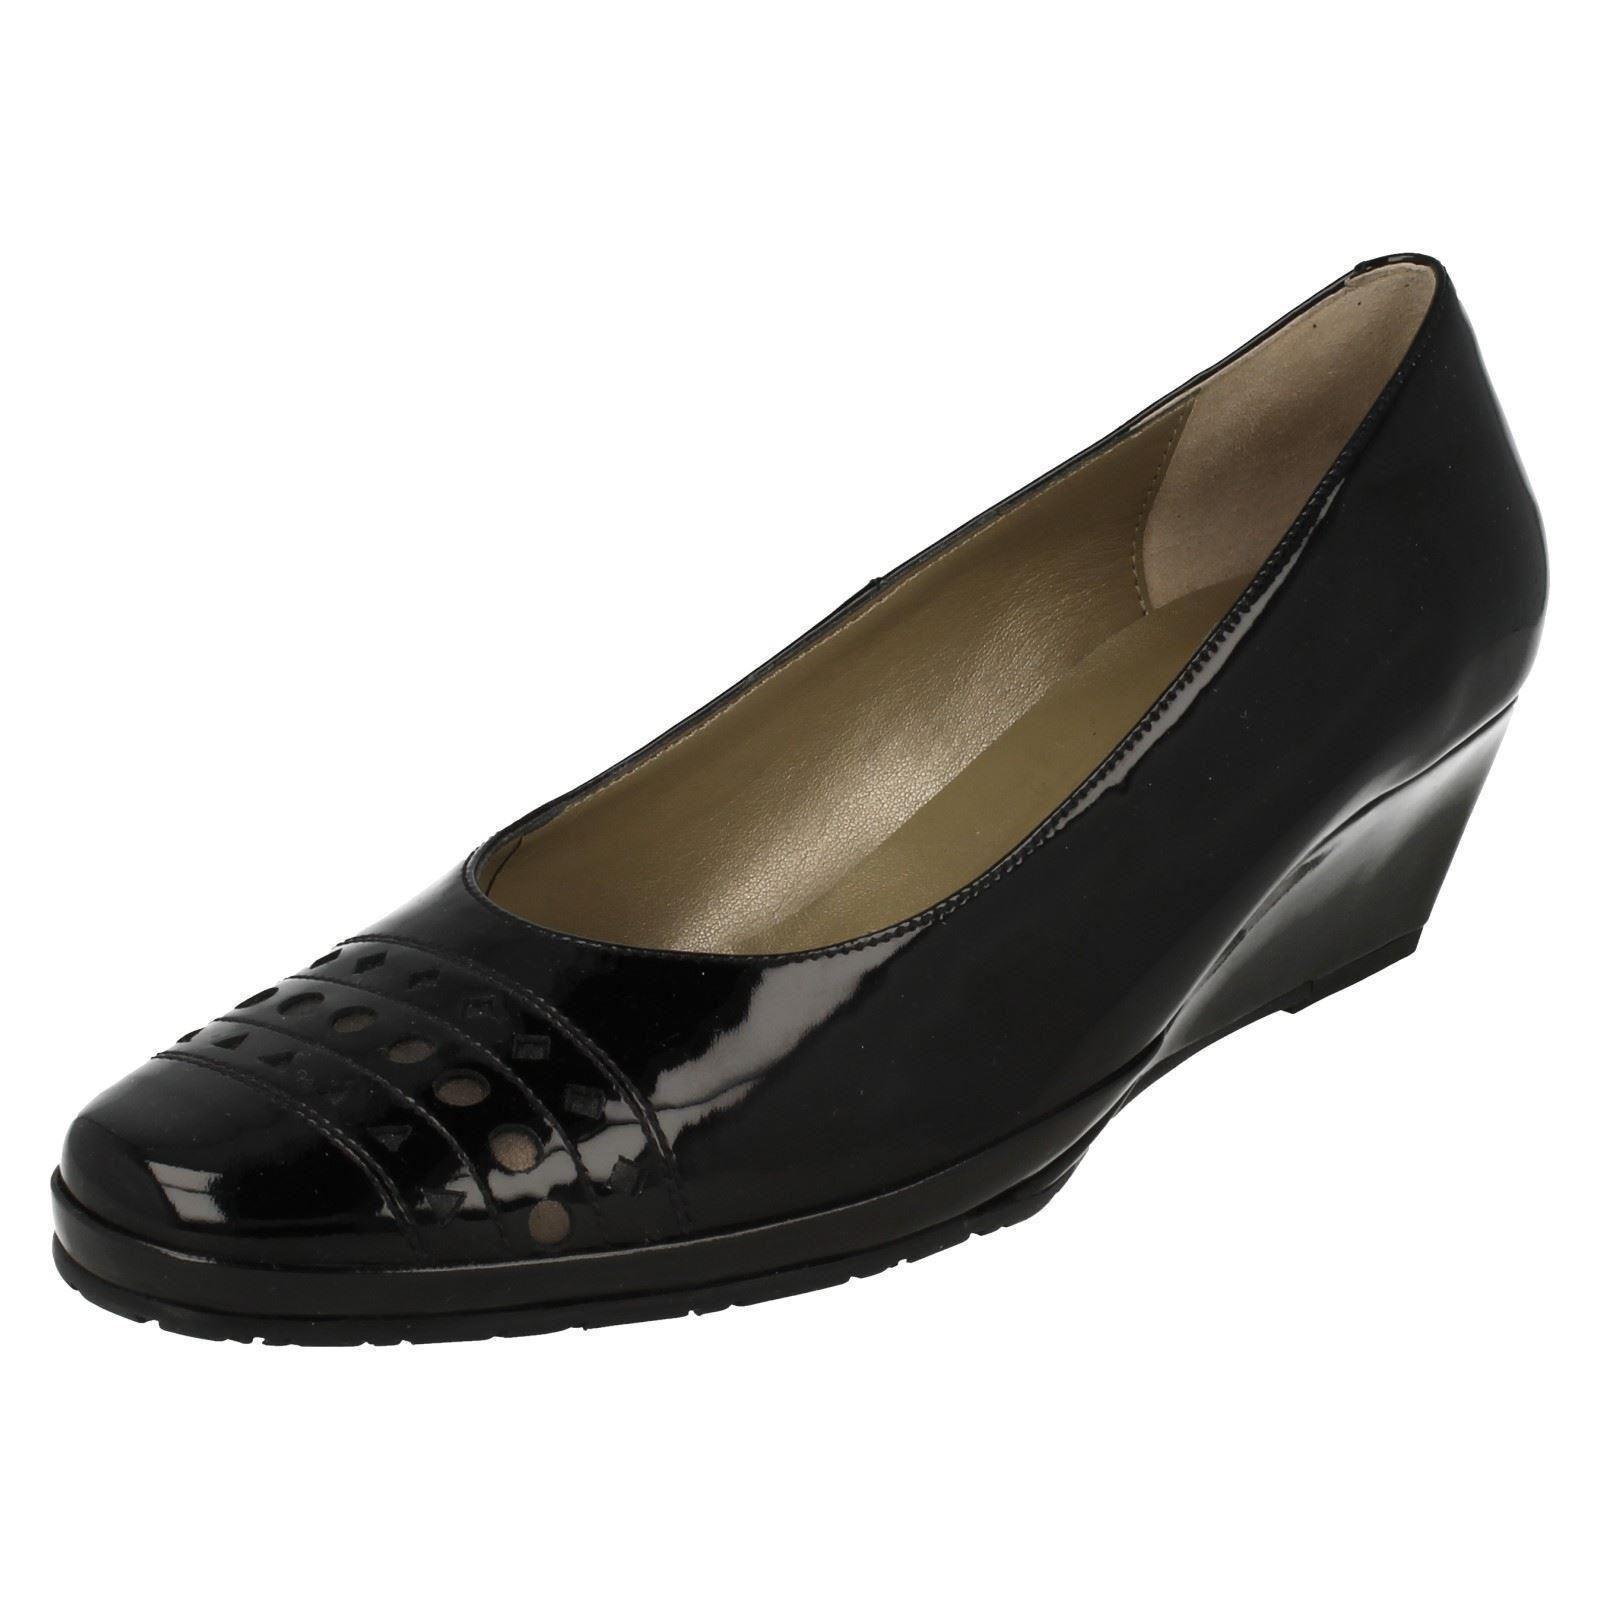 Mujer Van Dal DE PIEL SIN CIERRES Plataforma Zapatos de salón de tacón PACIFICA